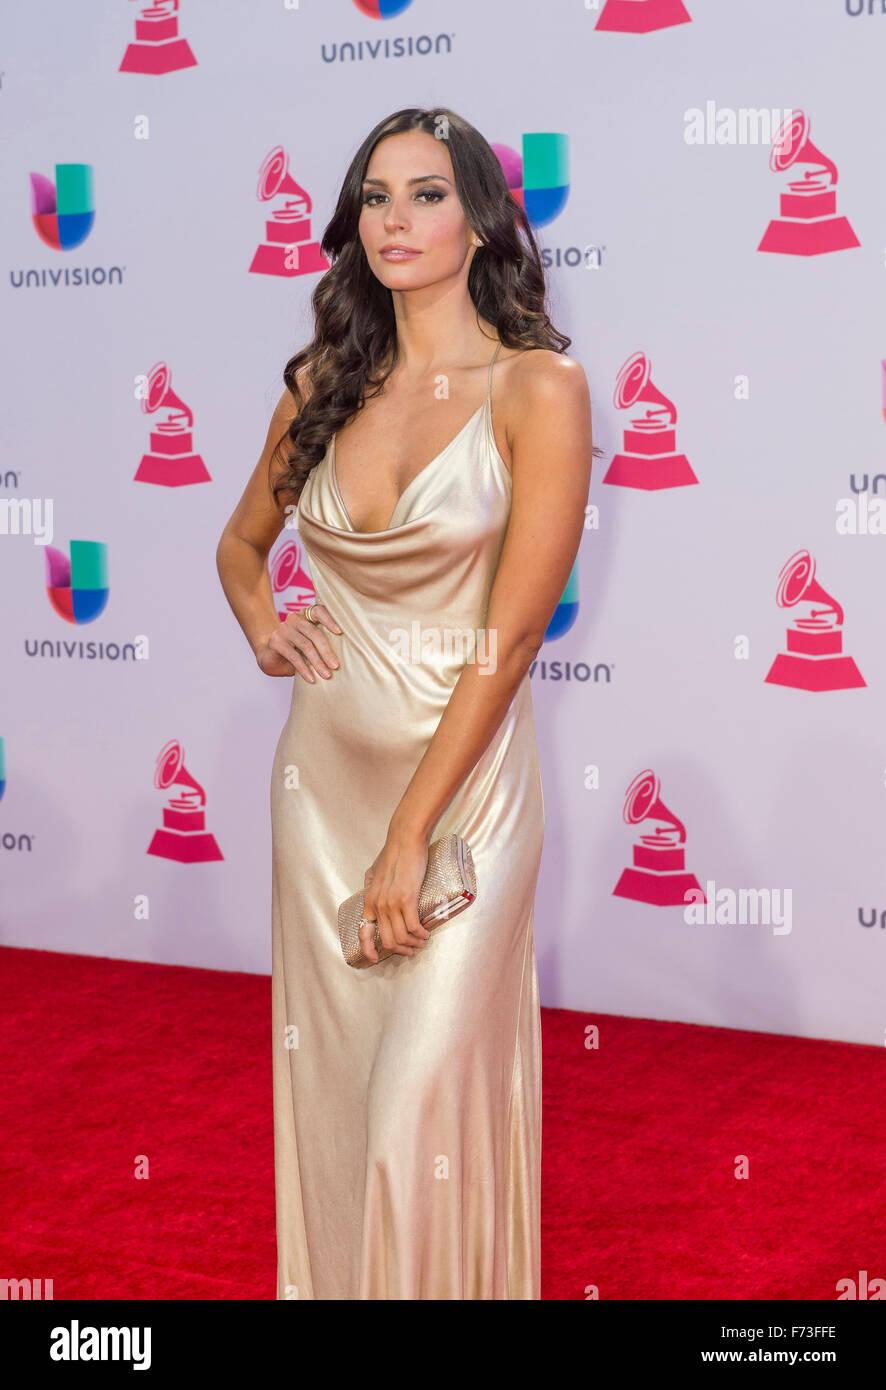 Schauspielerin Genesis Rodriguez besucht 16. Annual Latin GRAMMY Awards im MGM Grand Arena in Las Vegas Stockbild